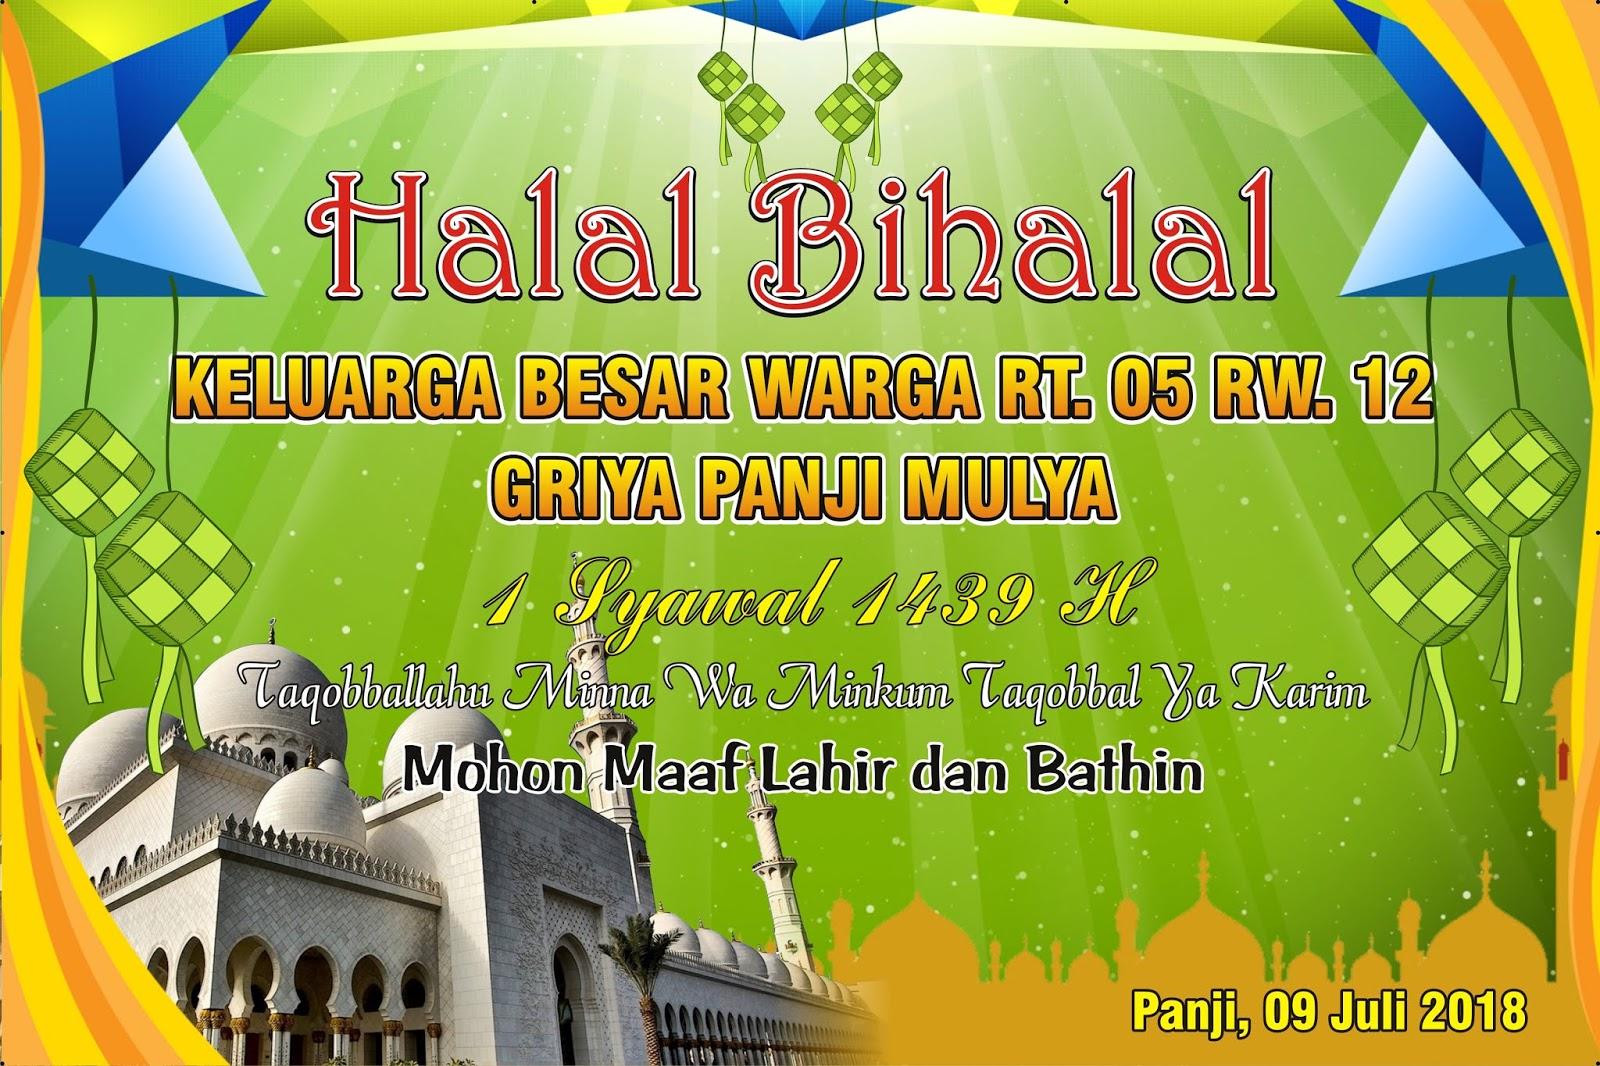 Contoh Desain Halal Bihalal Untuk Idul Fitri Versi Corel Draw